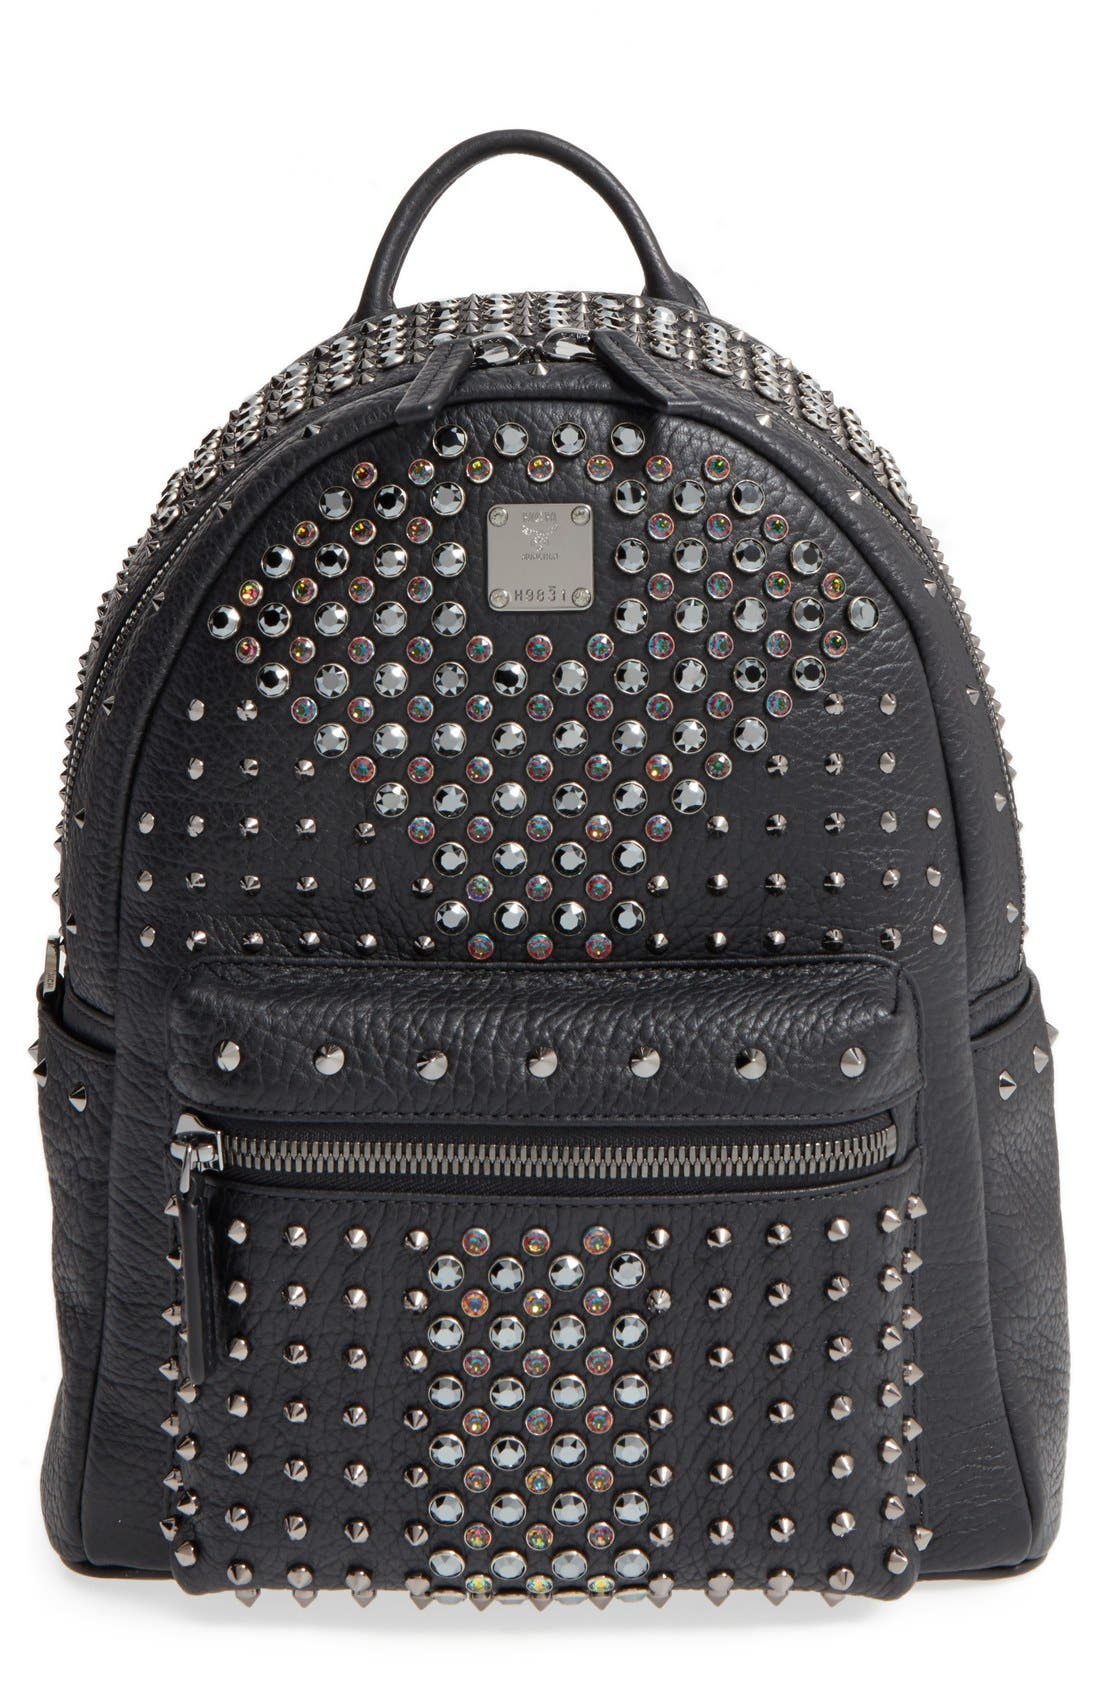 Alternate Image 1 Selected - MCM 'Small Stark Special' Swarovski Crystal Embellished Leather Backpack